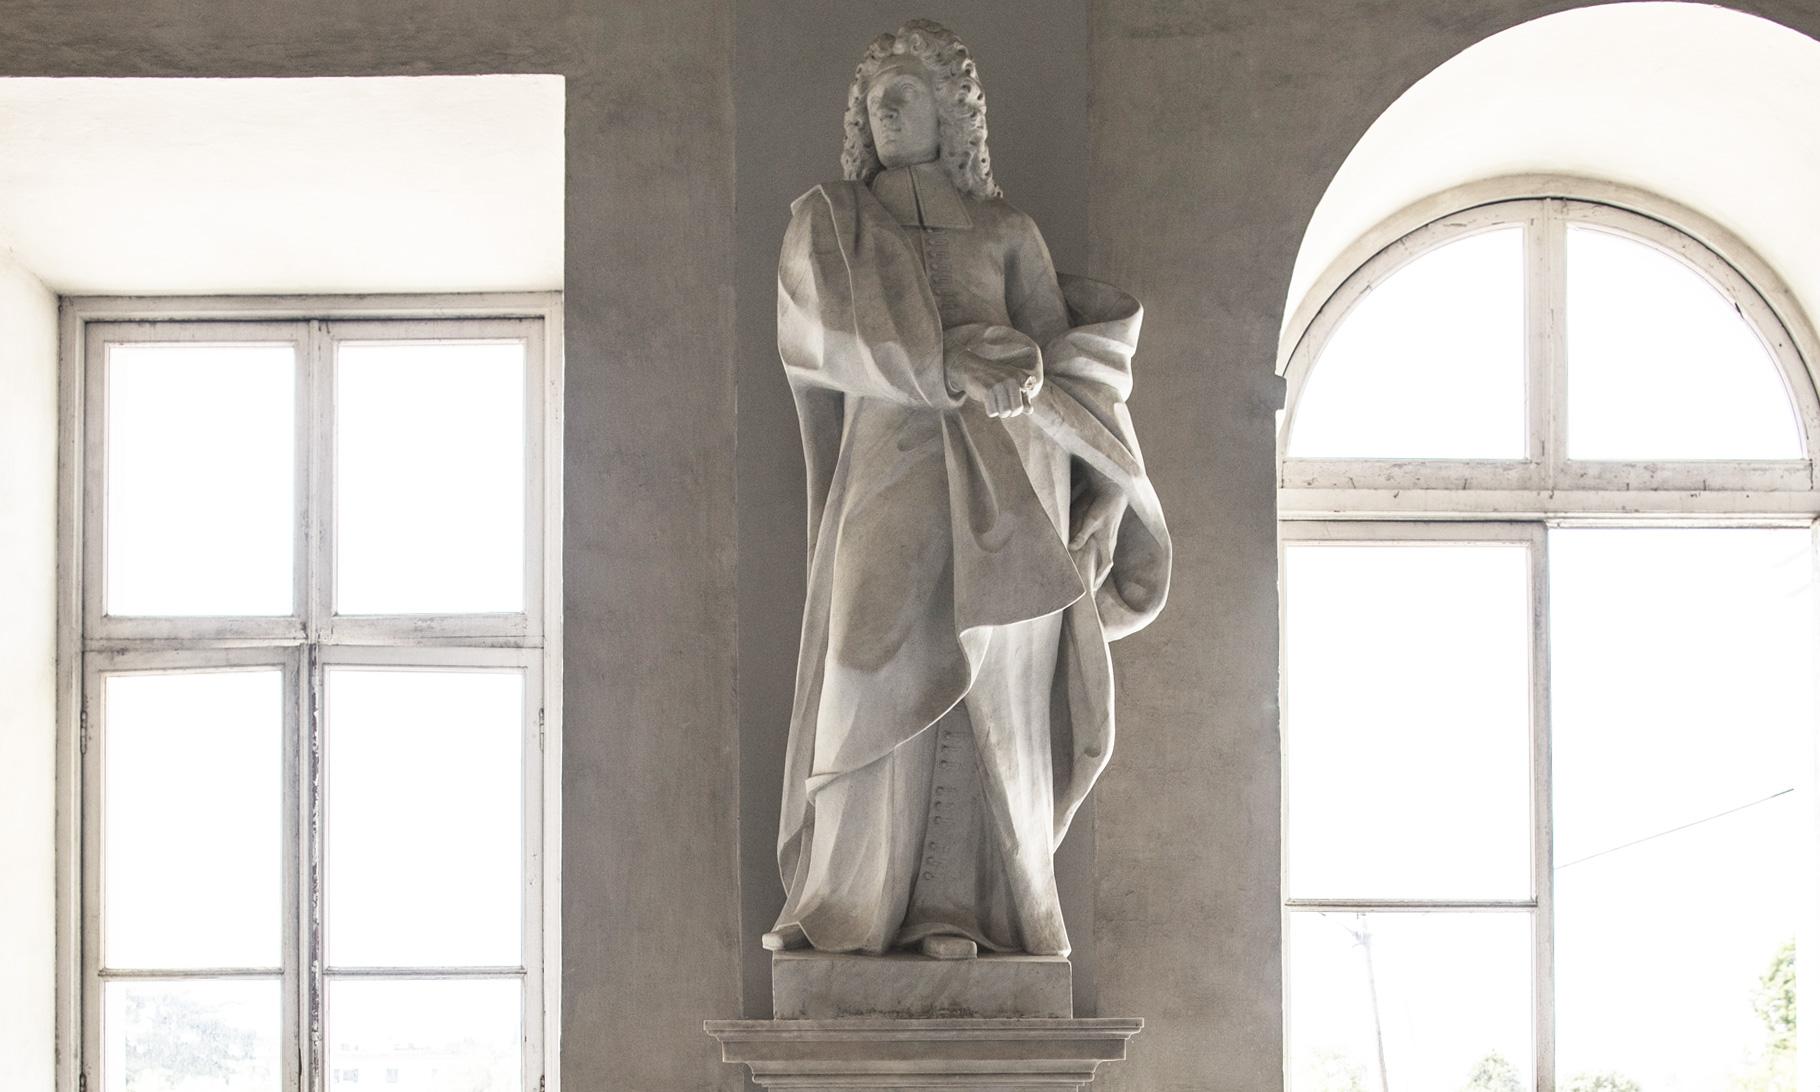 statue_ianni-lucae-spinulae-abbati_03 - Albergo dei Poveri Genova